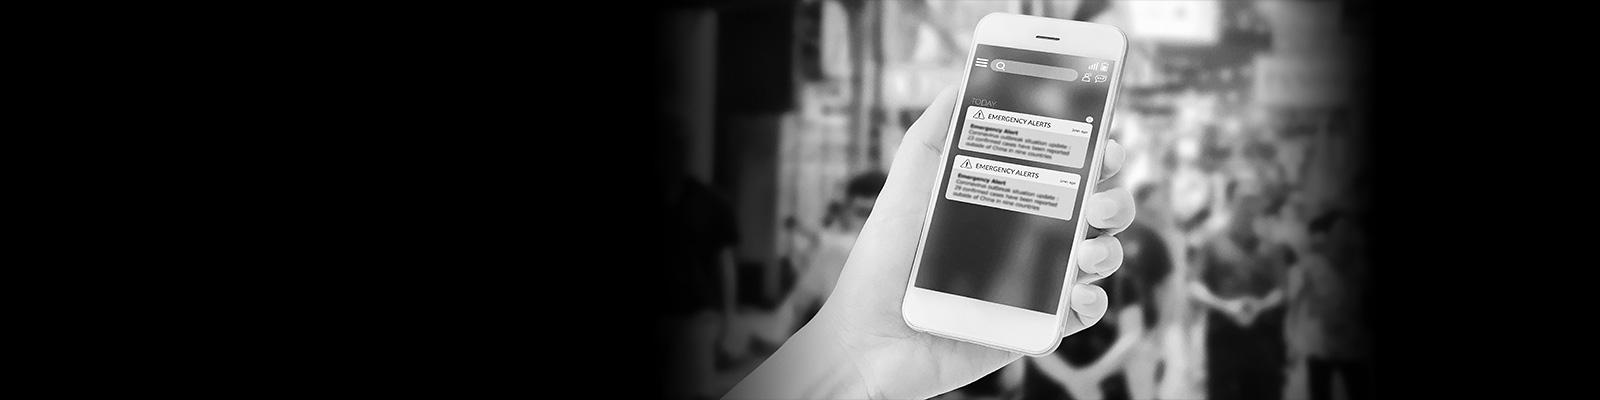 スマートフォン 中国 警告 イメージ